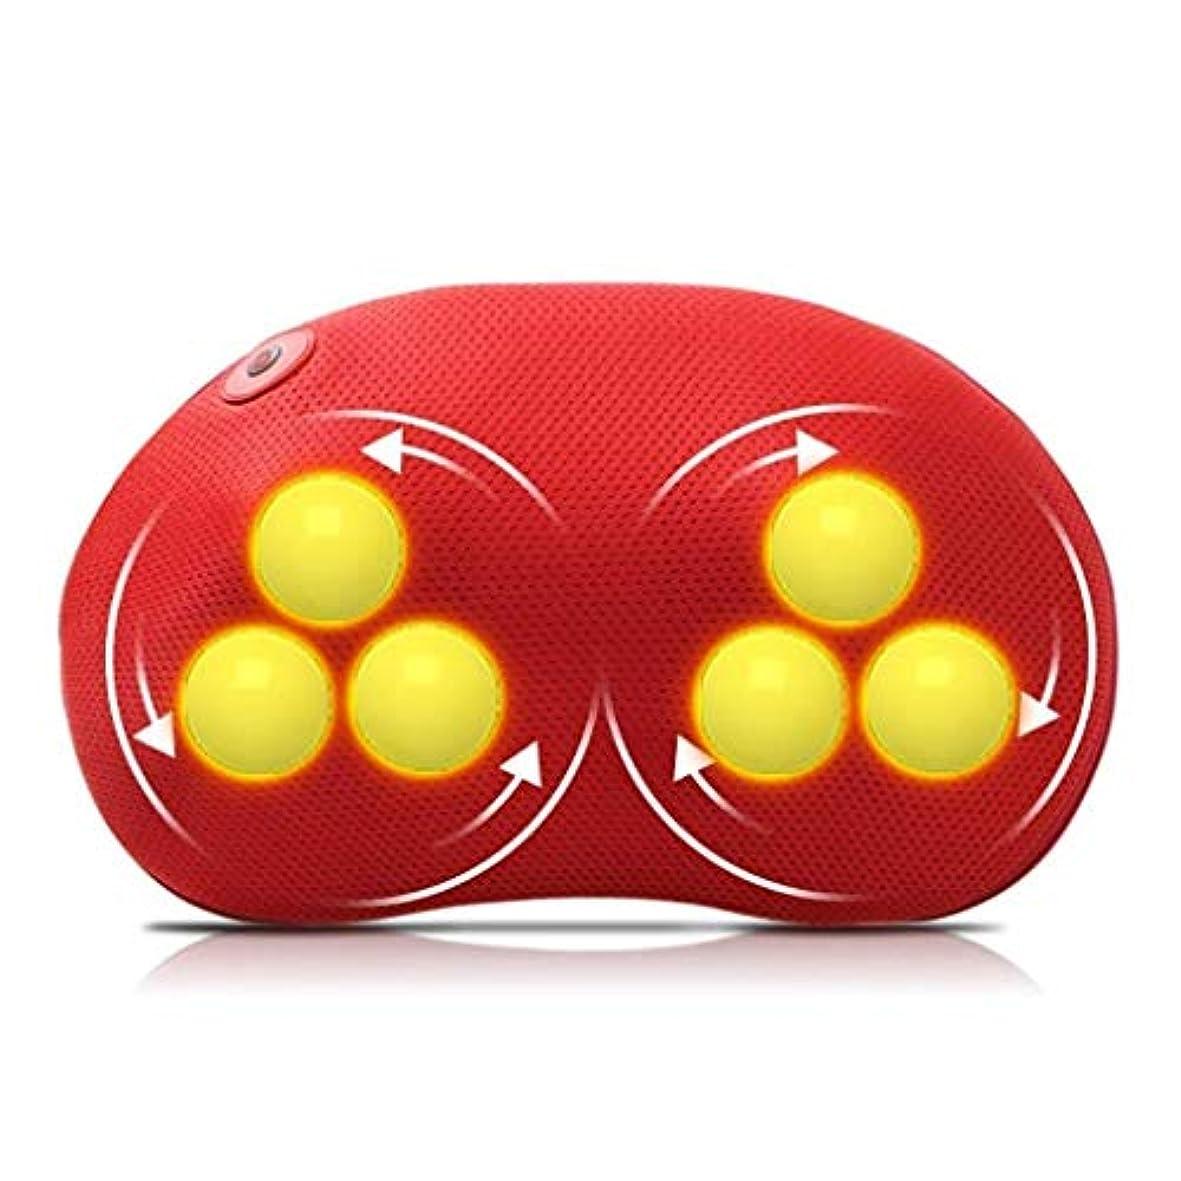 ネックマッサージャー、フィンガープレスネックとバックマッサージピロー、加熱/振動/調整可能な速度/ポータブルKみマッサージ、ストレス緩和/痛み